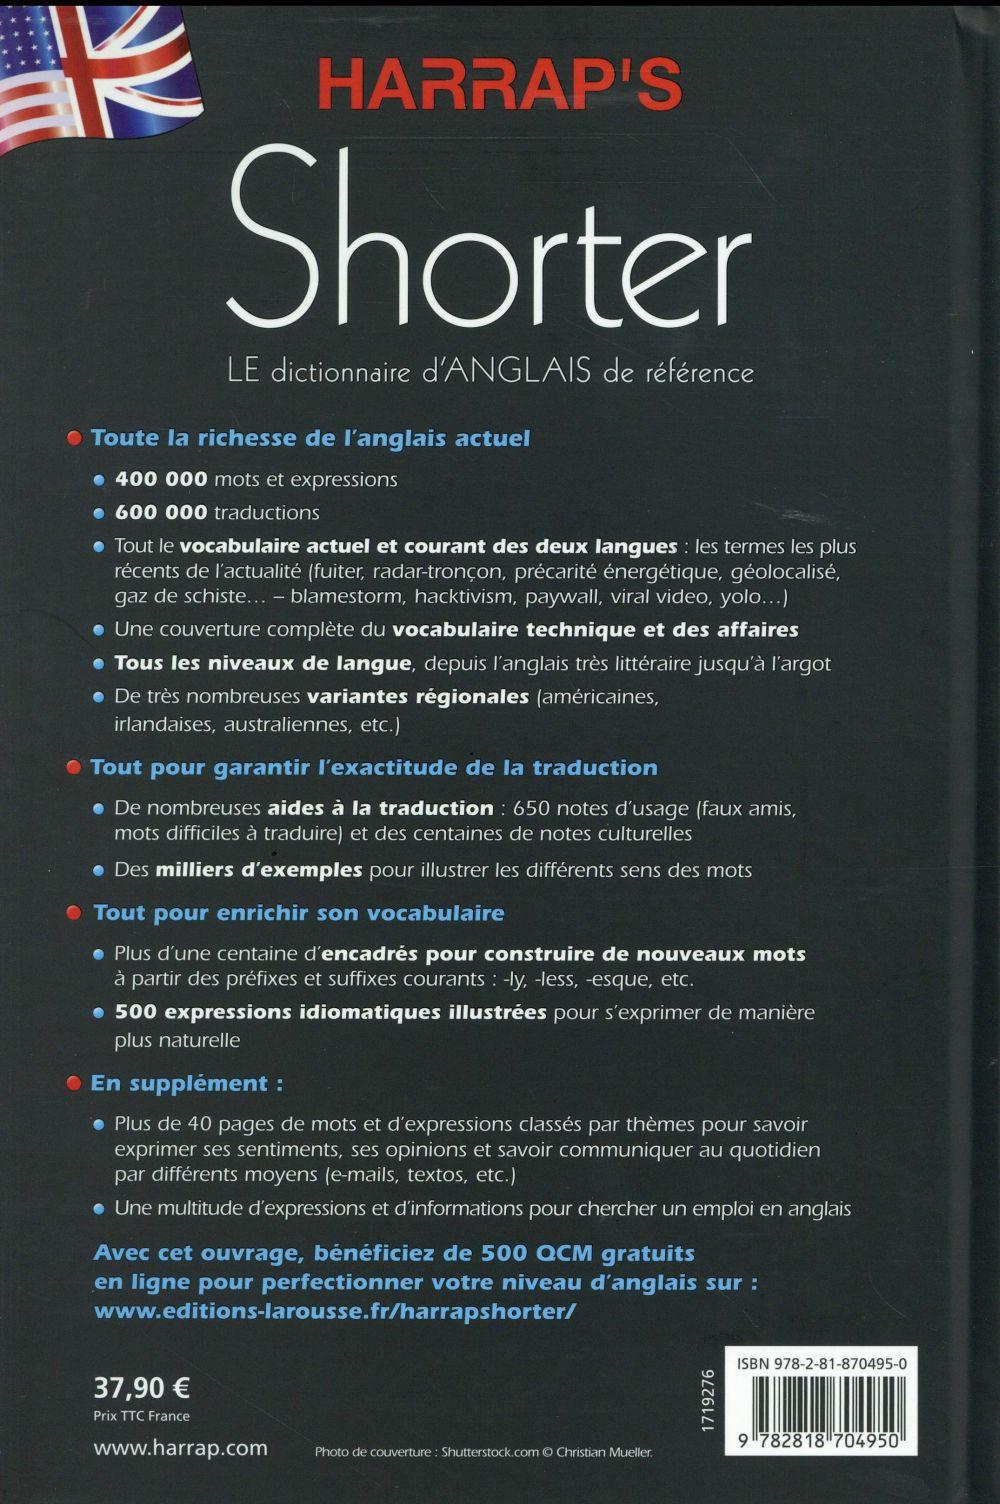 Le dictionnaire d'anglais Harrap's Shorter ; français-anglais / anglais-français (édition 2016)